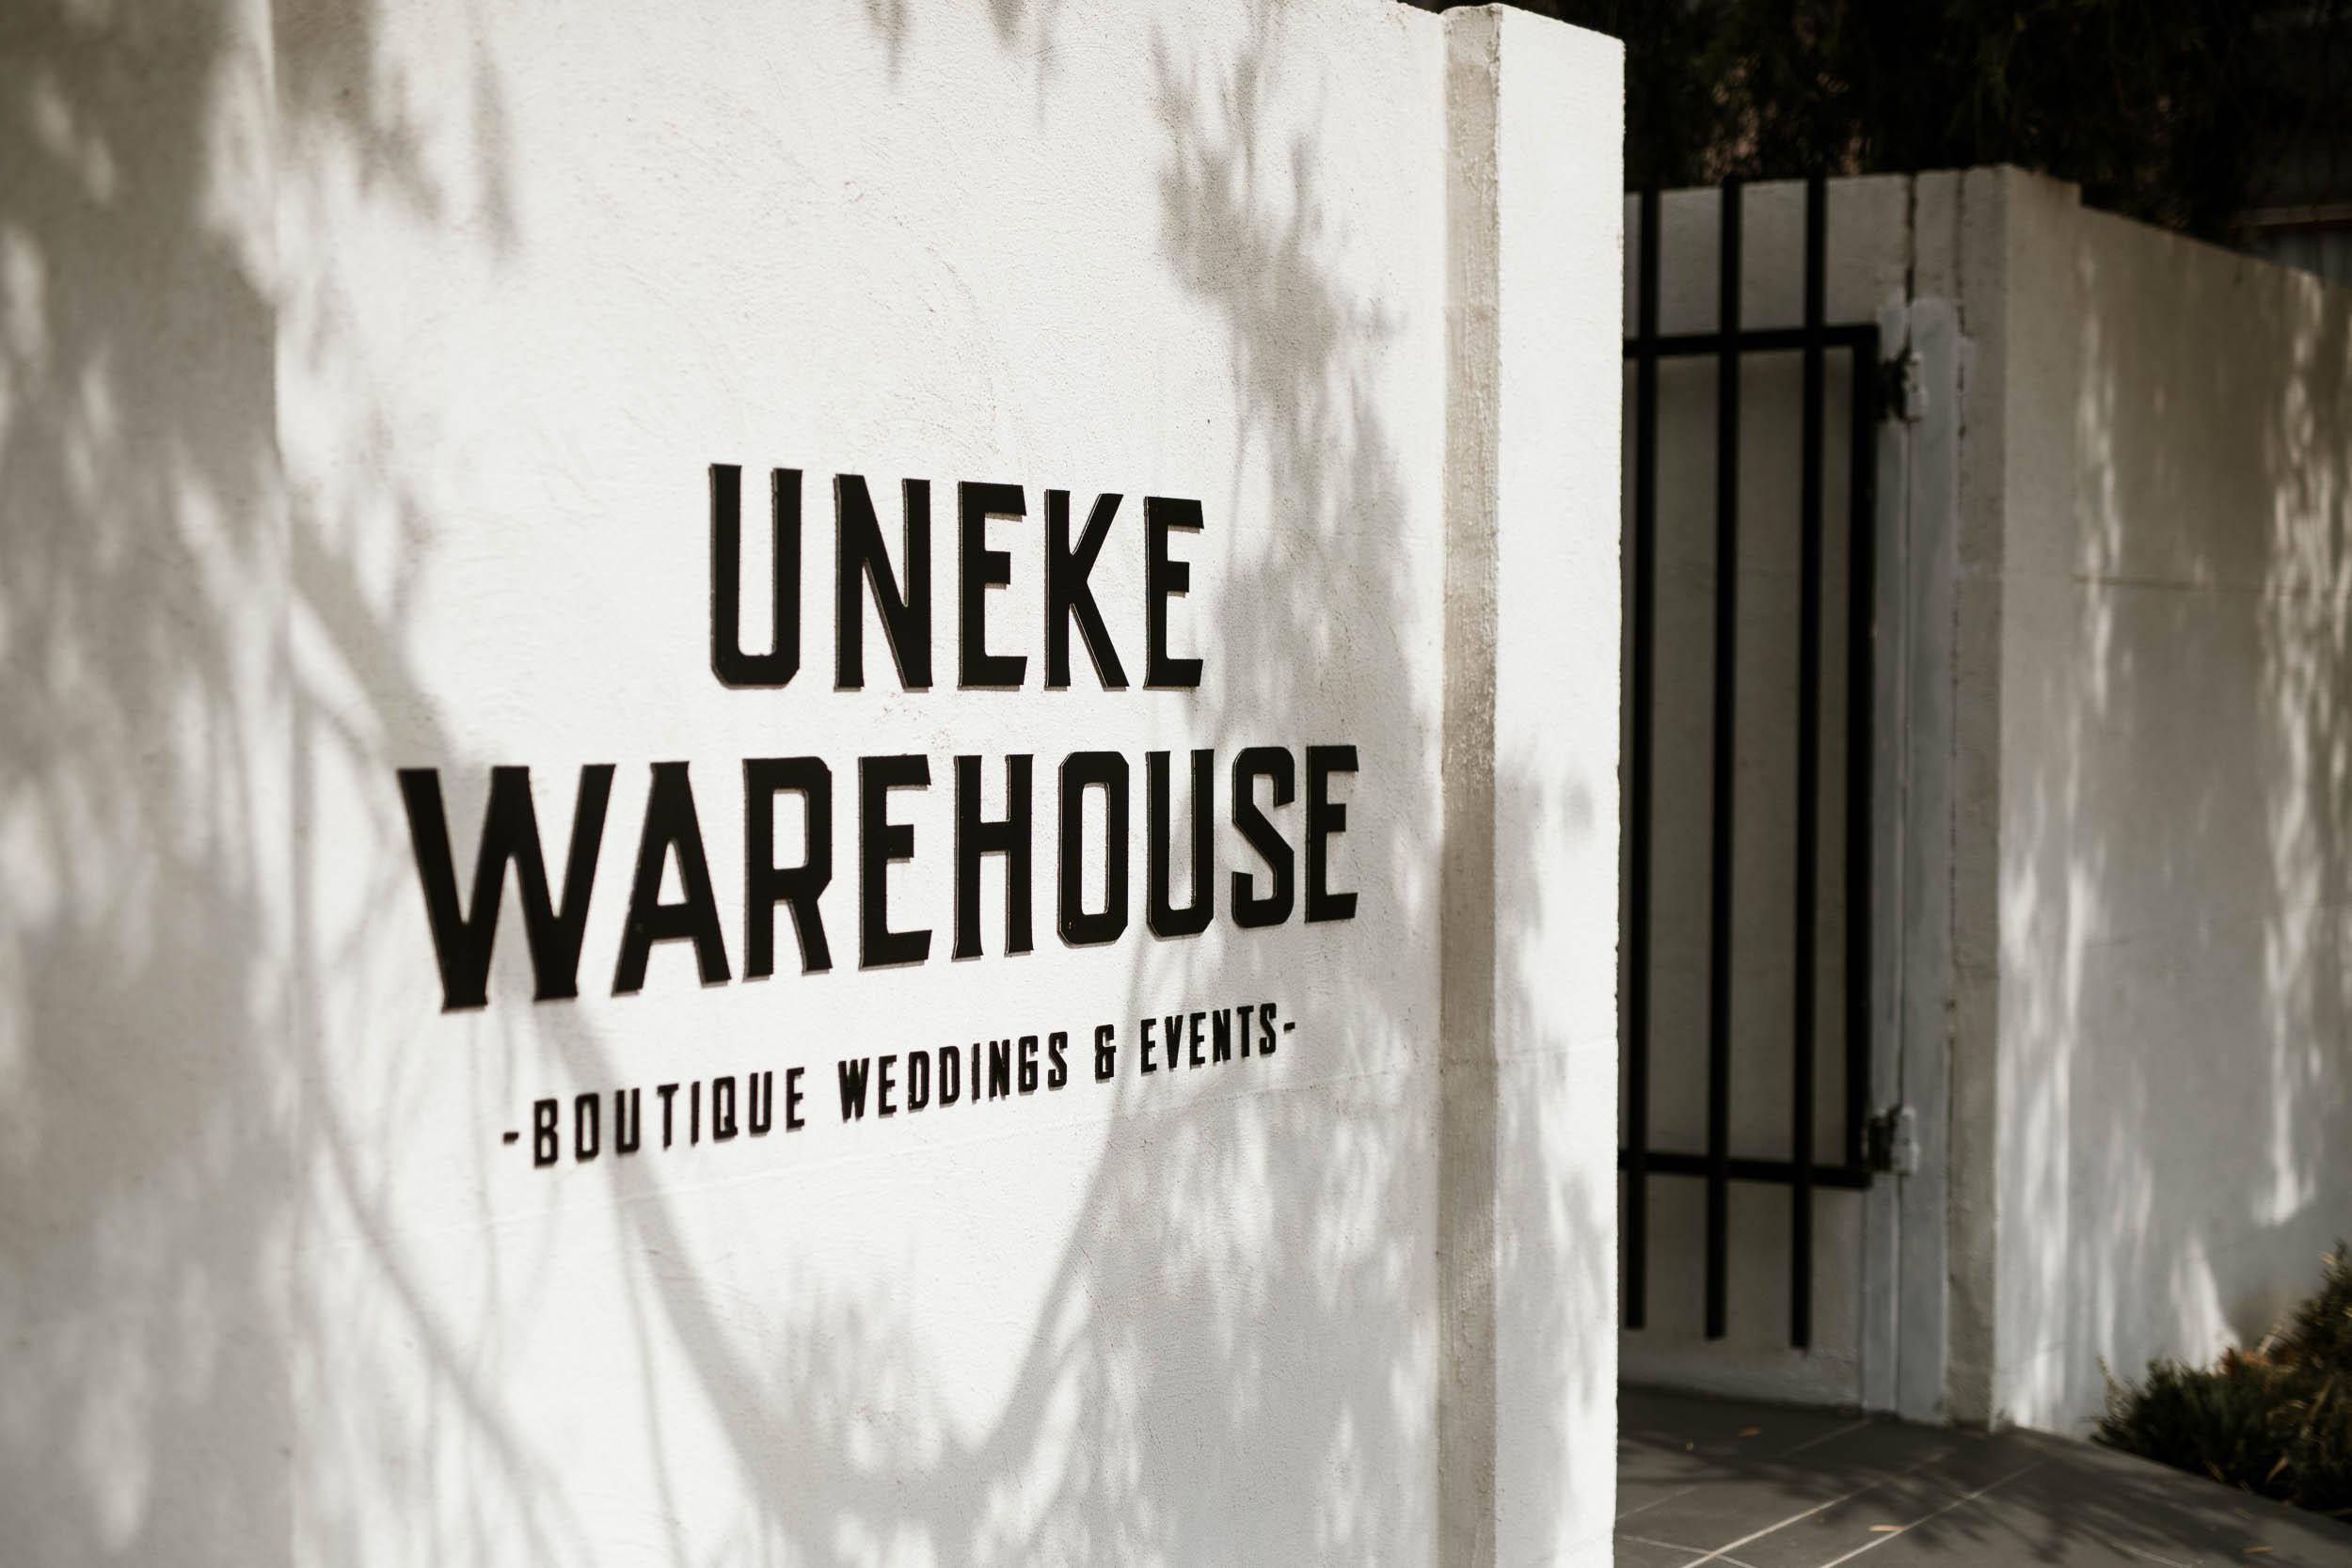 Uneke Warehouse_3I7A0192_DIGITAL.jpg